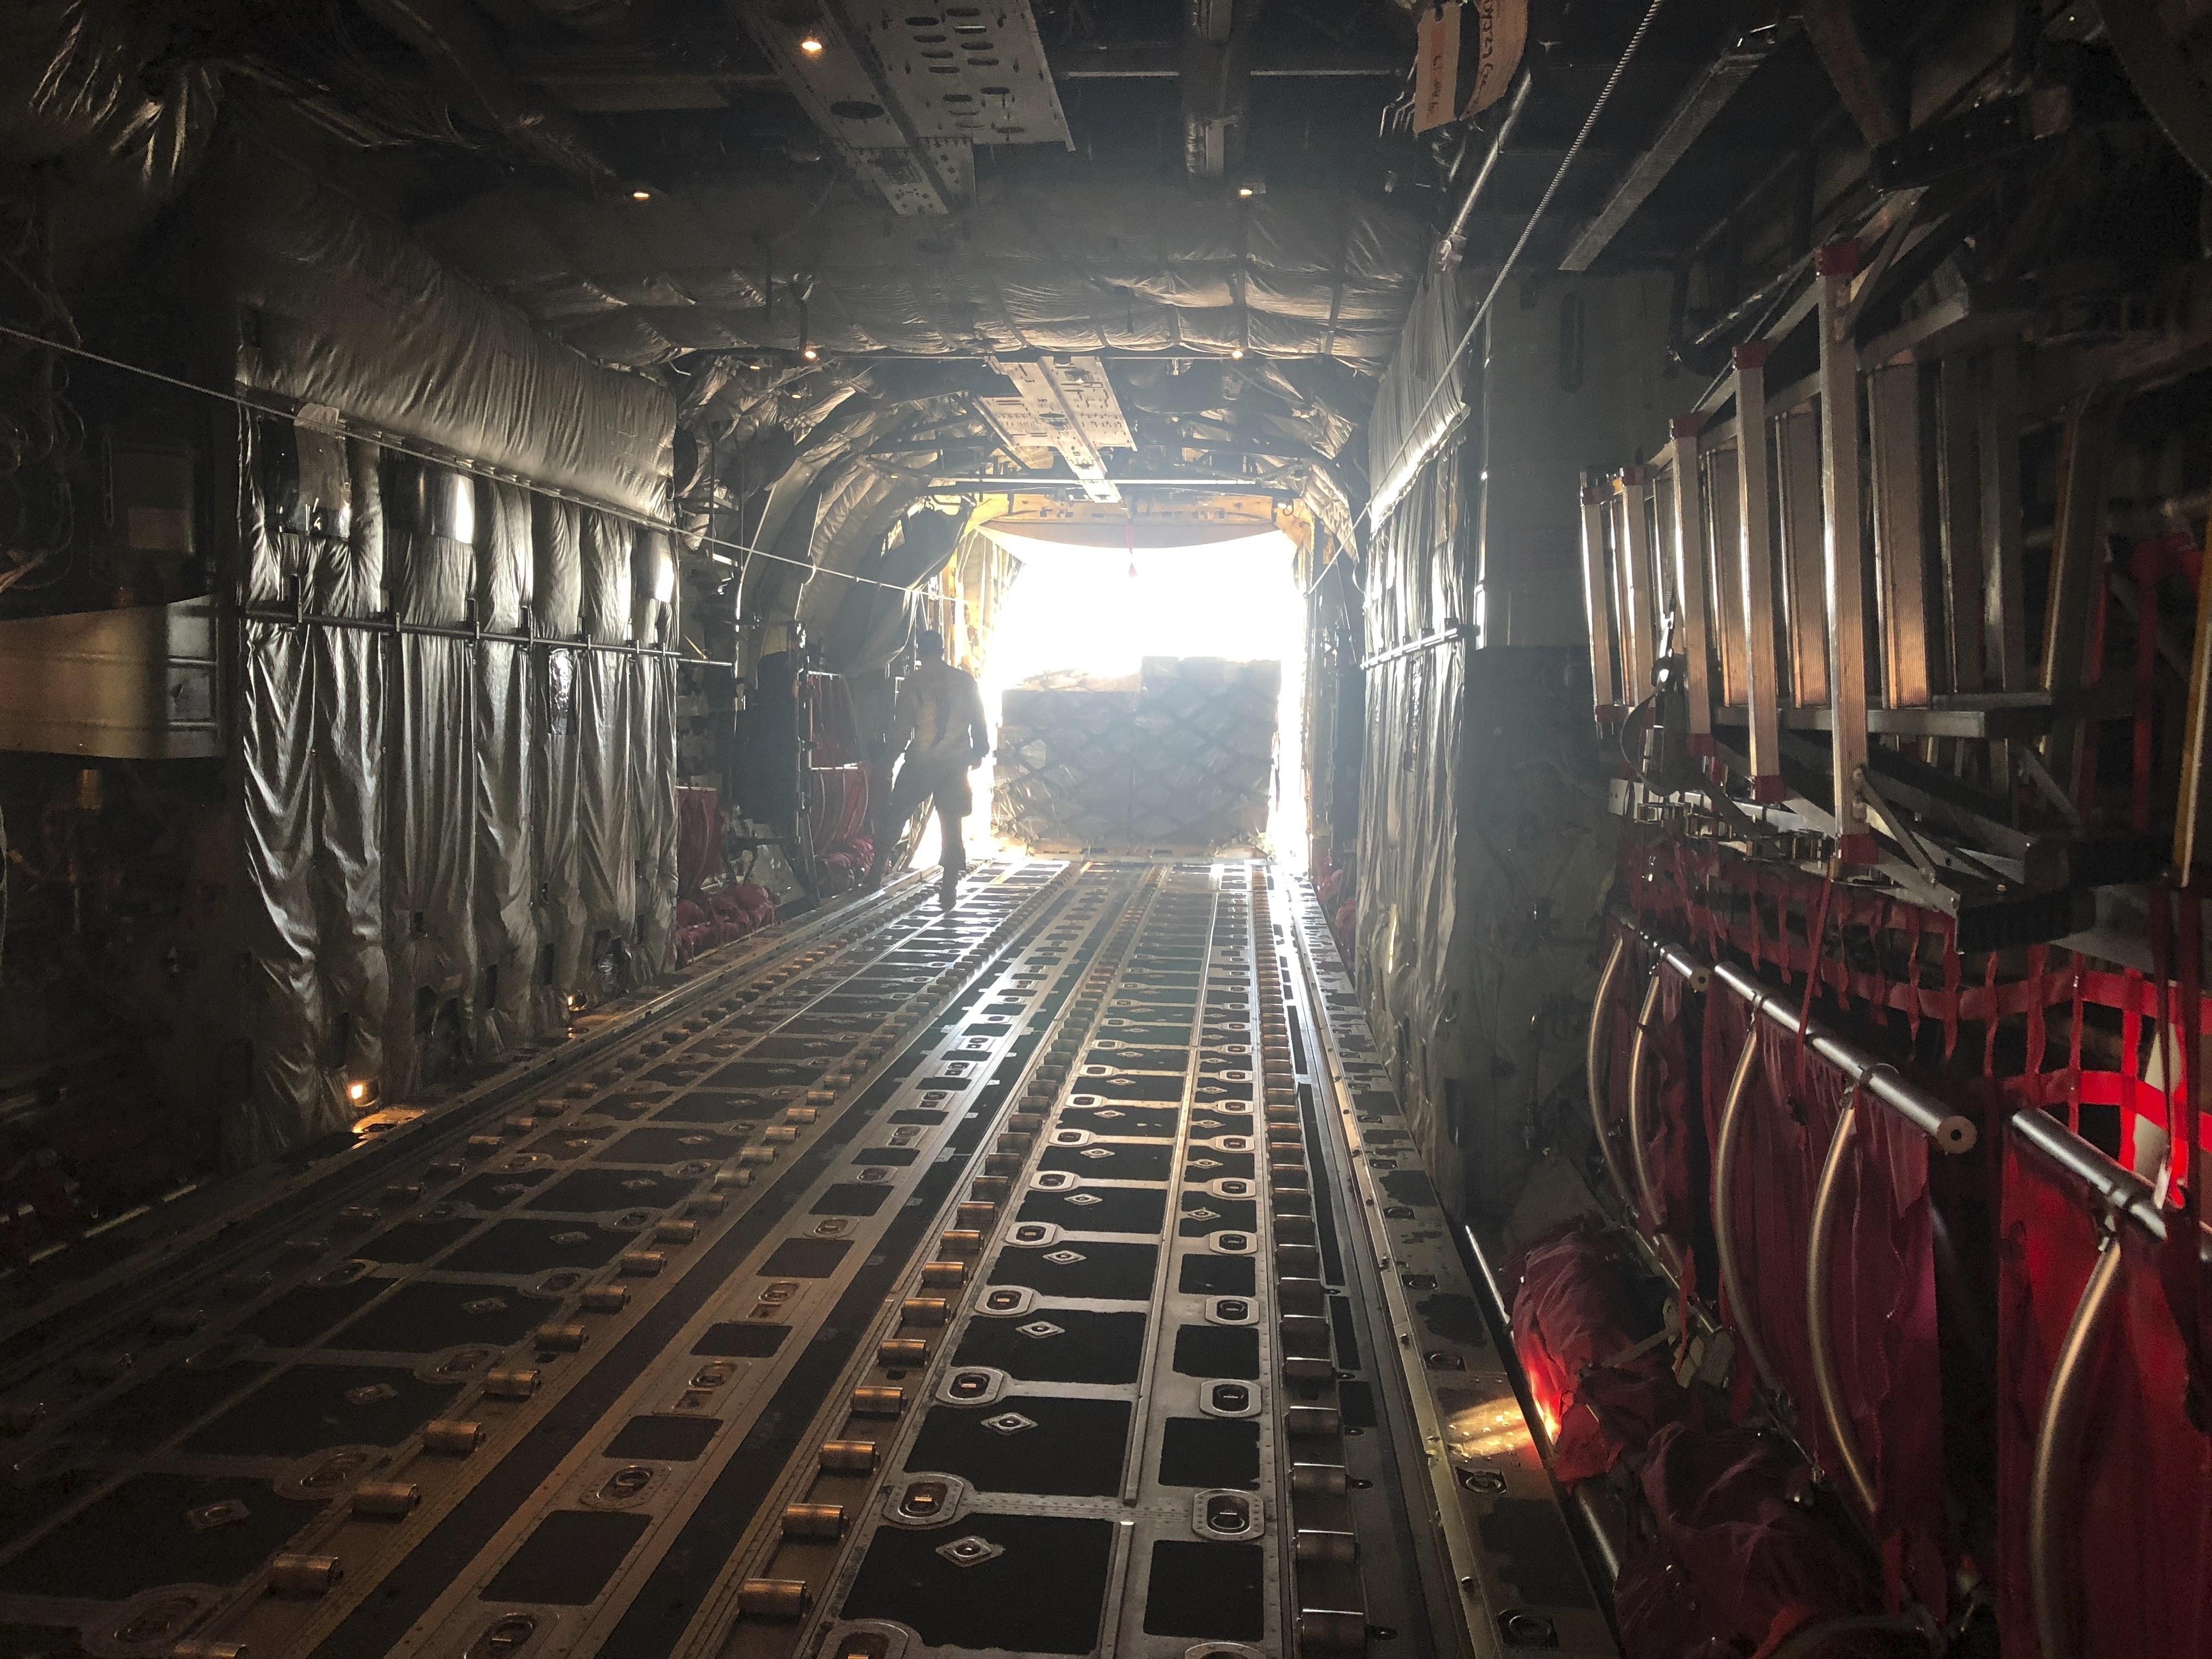 La carga de los pallets en el avión, hasta llenar la nave